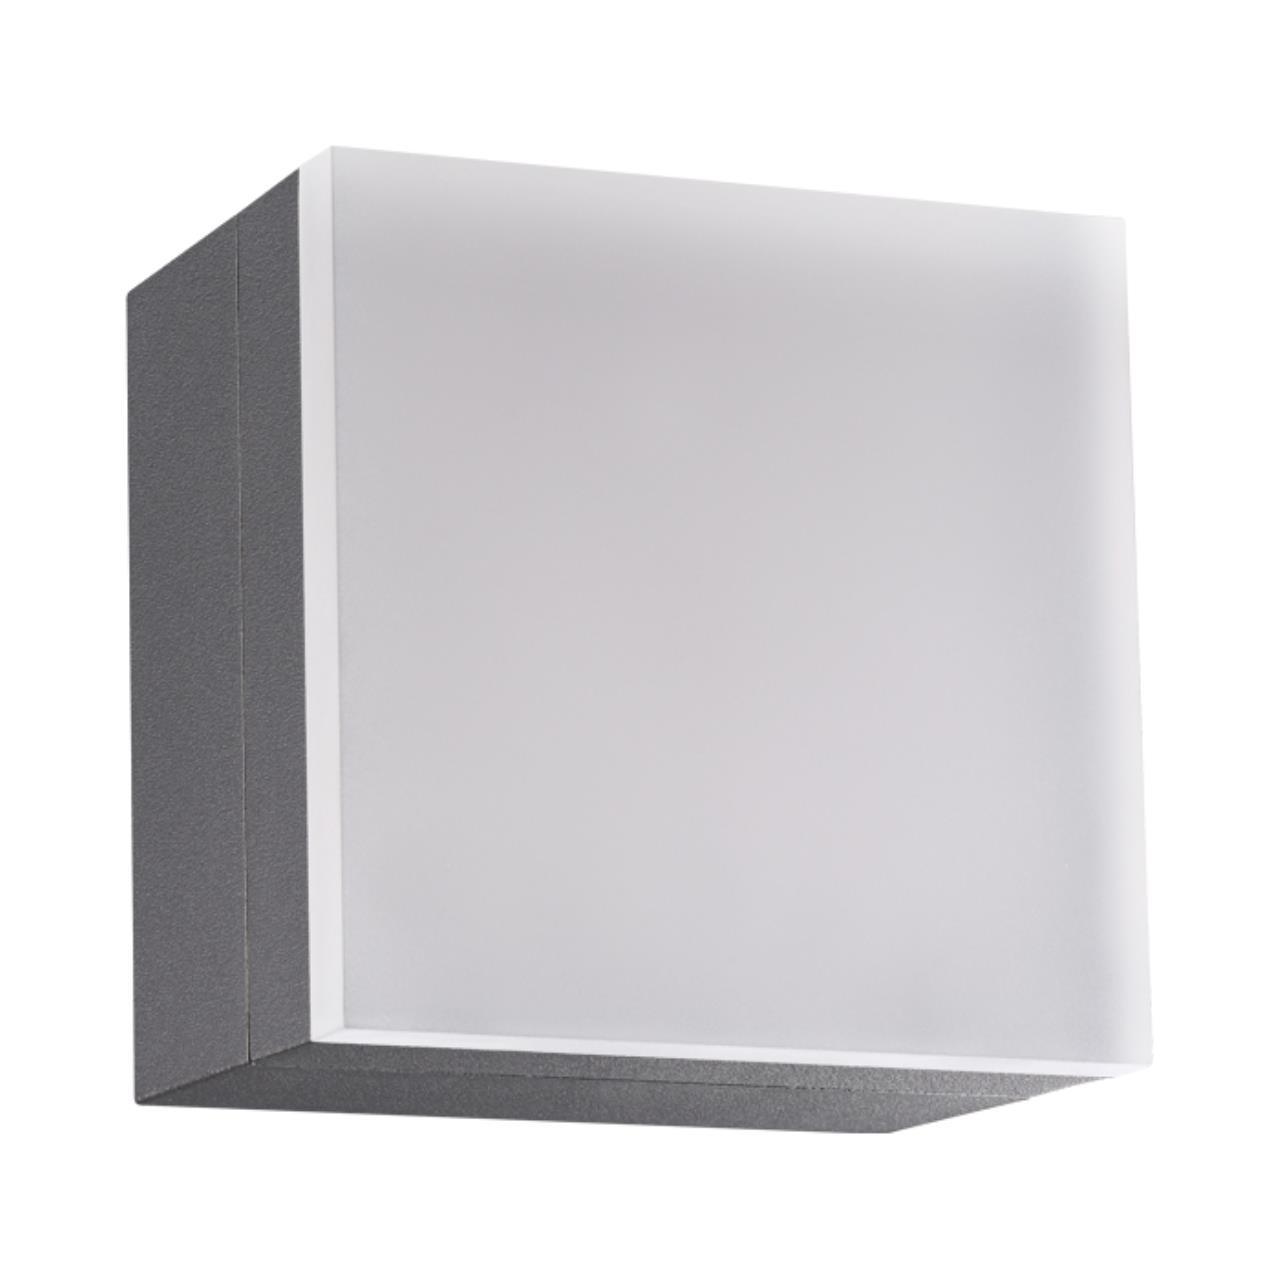 358085 STREET NT19 152 темно-серый Ландшафтный светильник IP54 LED 3000К 12W 220V KAIMAS